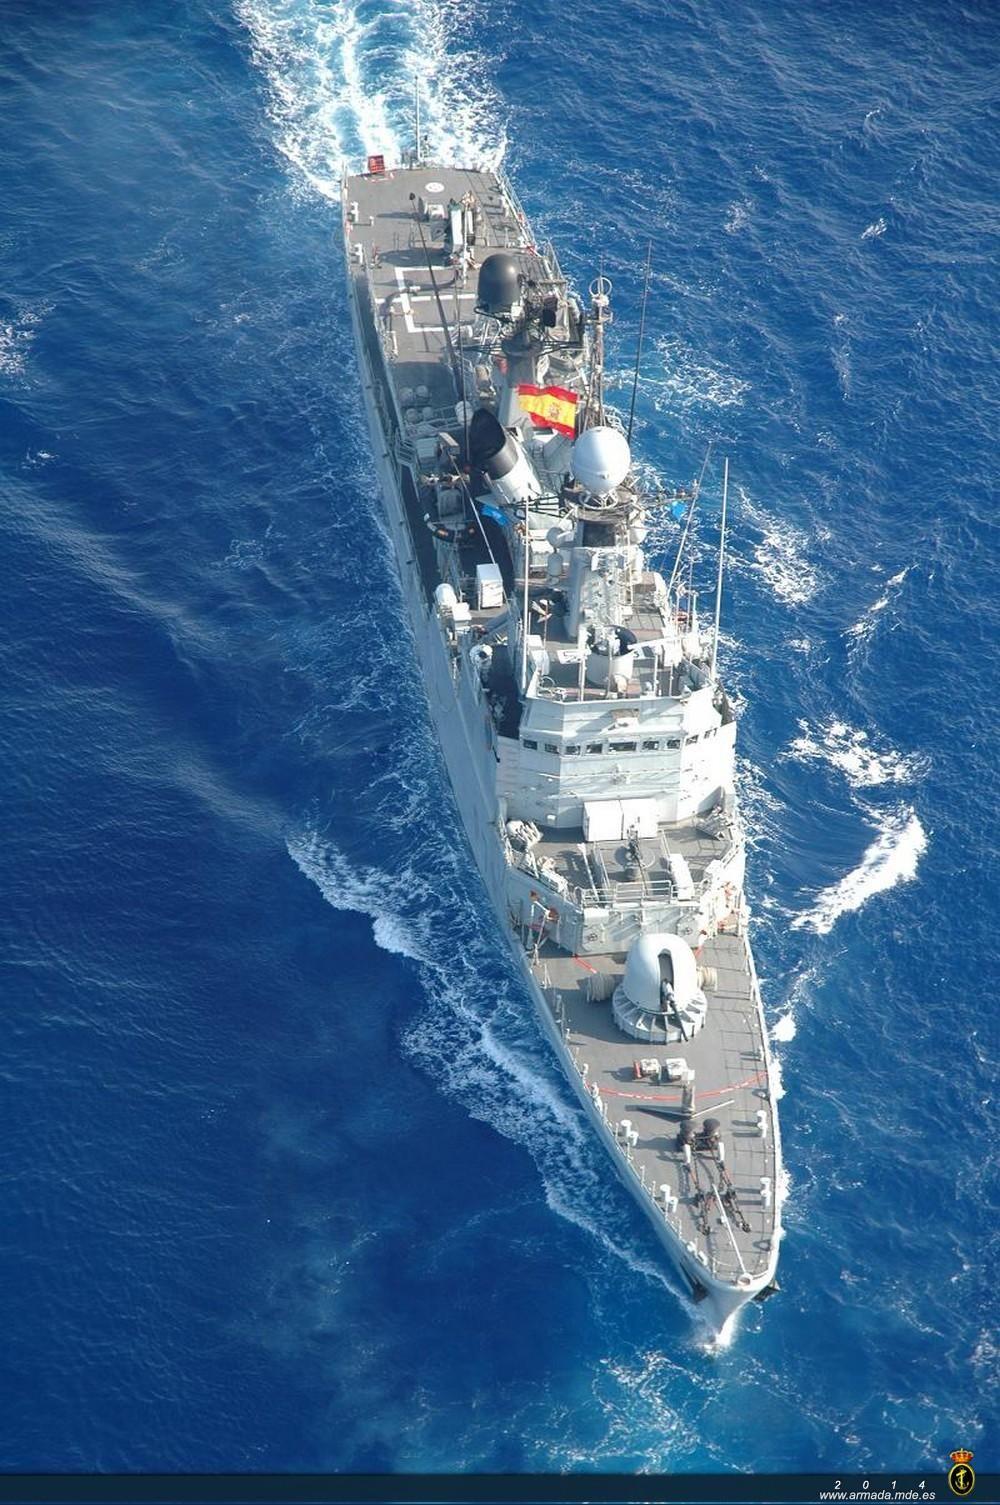 El patrullero 'Cazadora' intercepta una patera con 15 inmigrantes en el mar de Alborán http://bit.ly/1v4xwVV